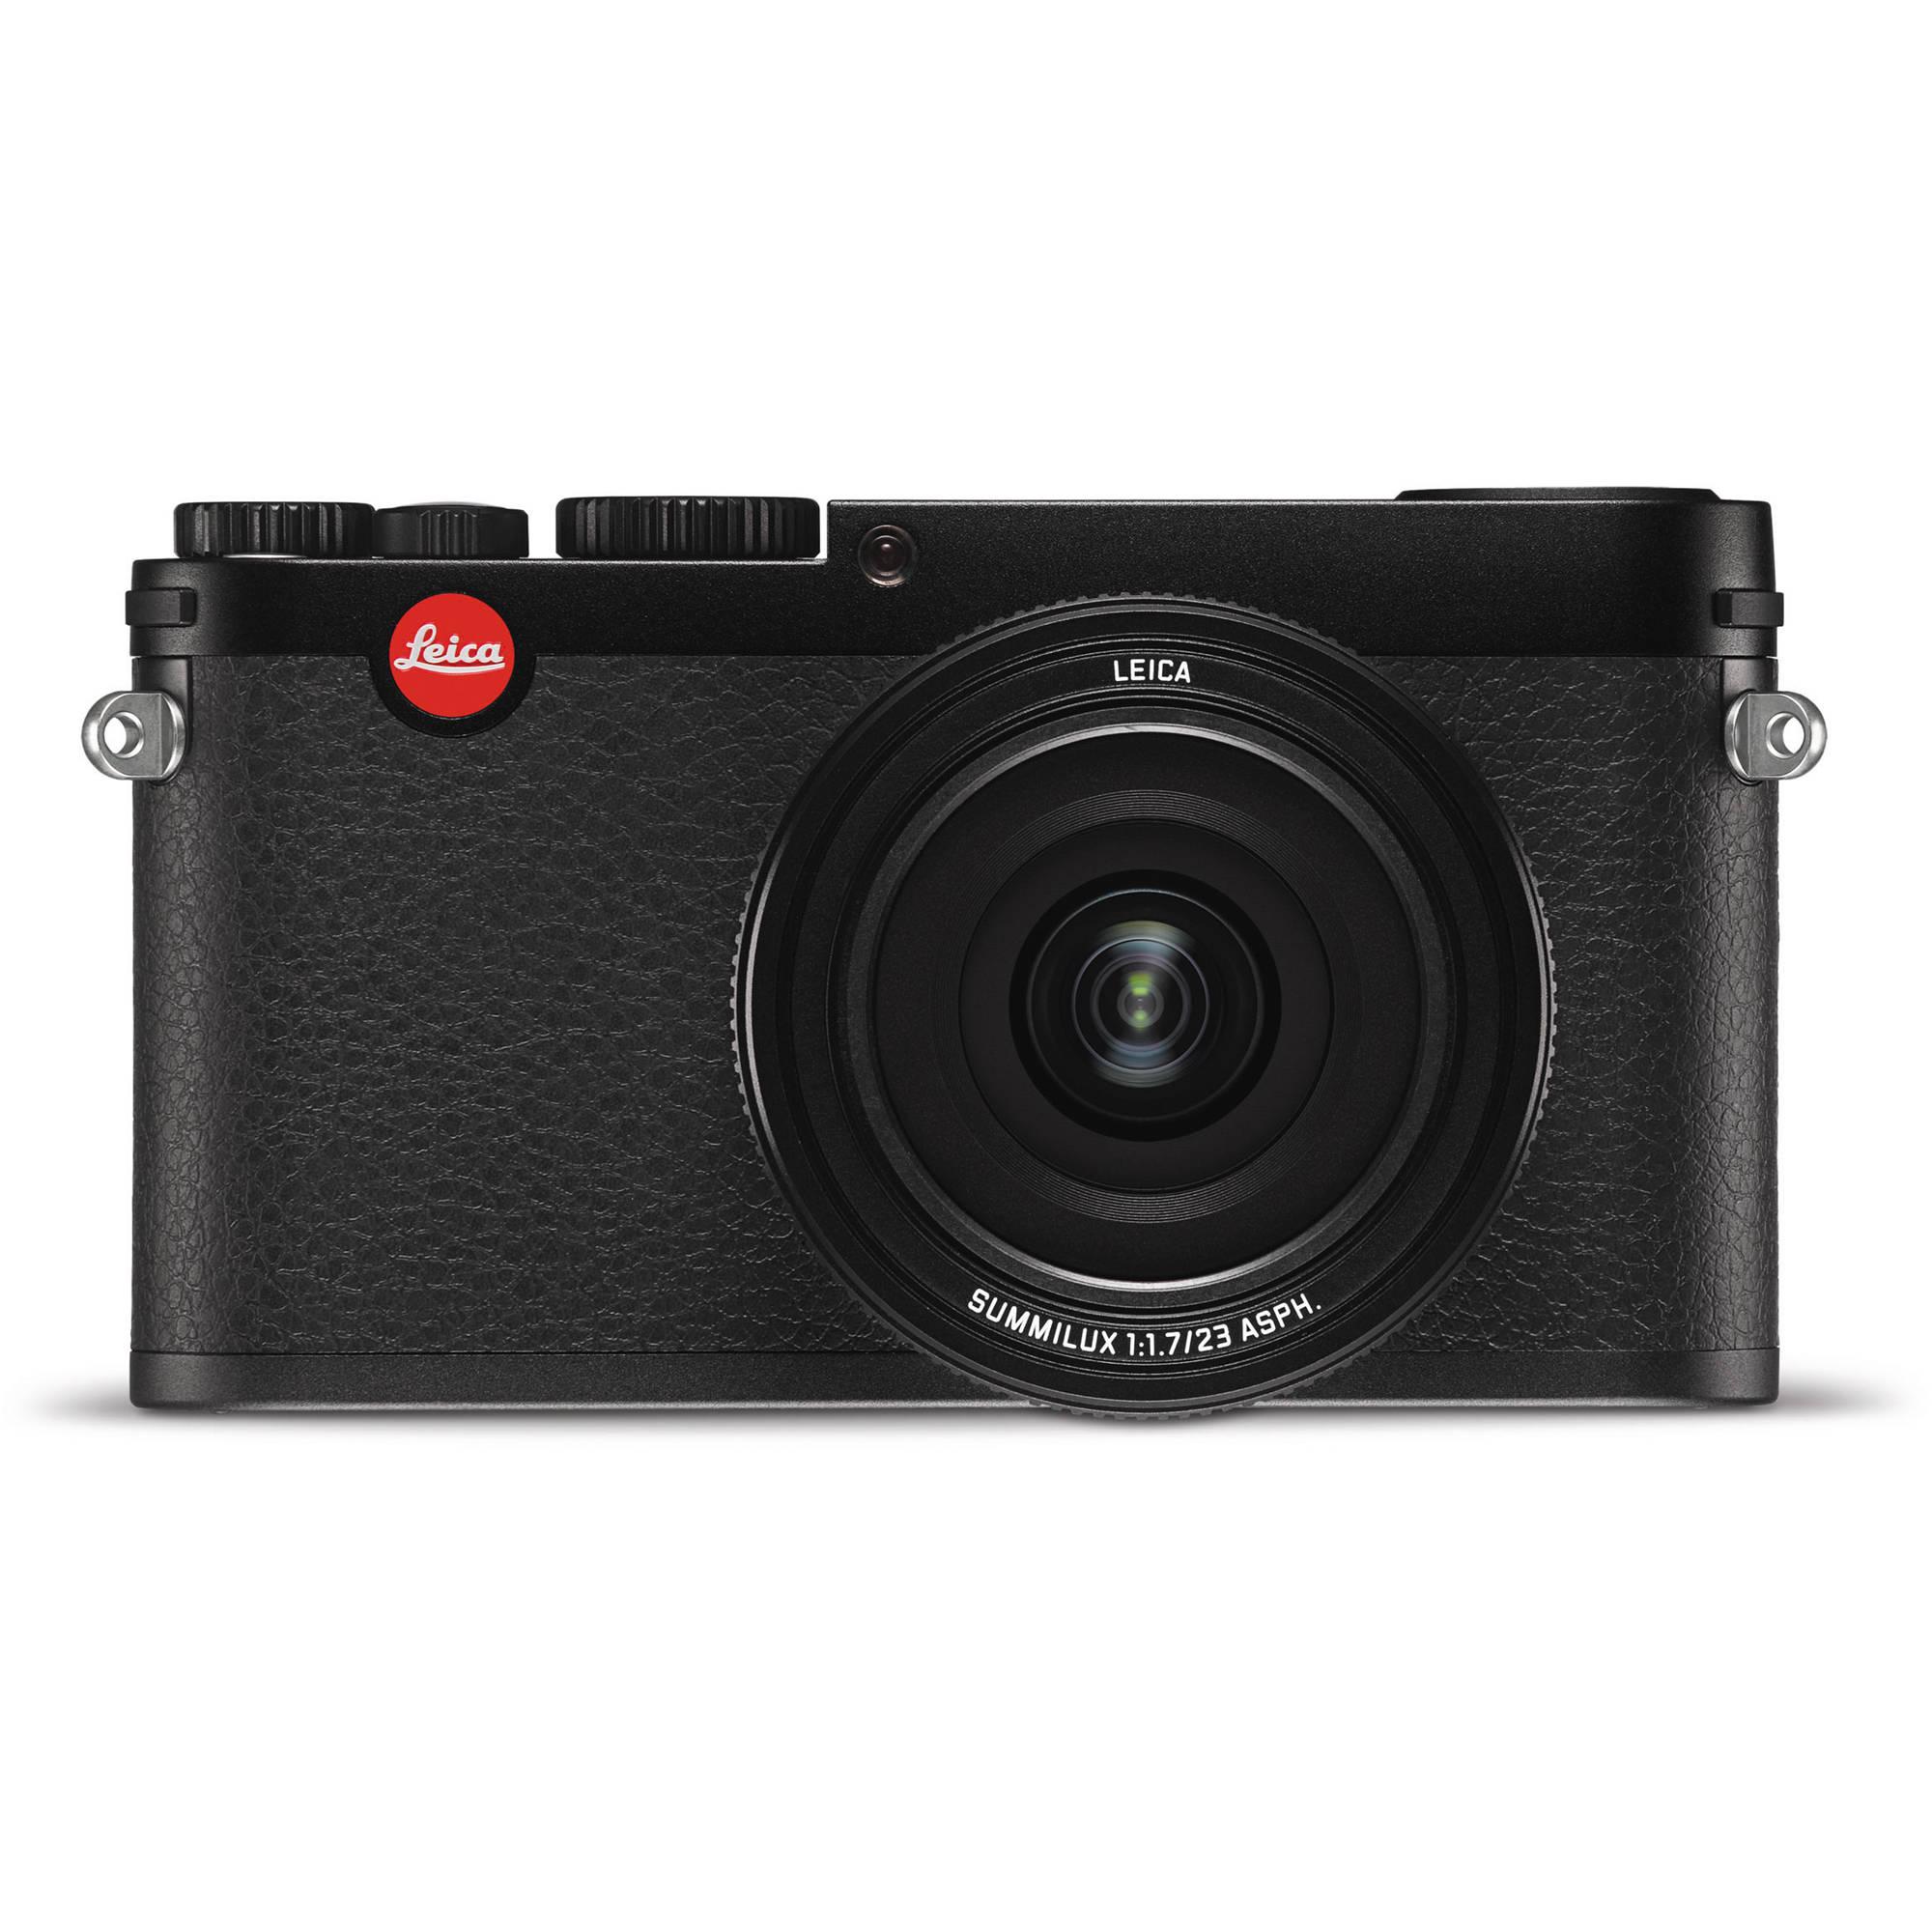 used leica x typ 113 digital camera black 18440 b h photo rh bhphotovideo com Original Leica 1 Original Leica 1